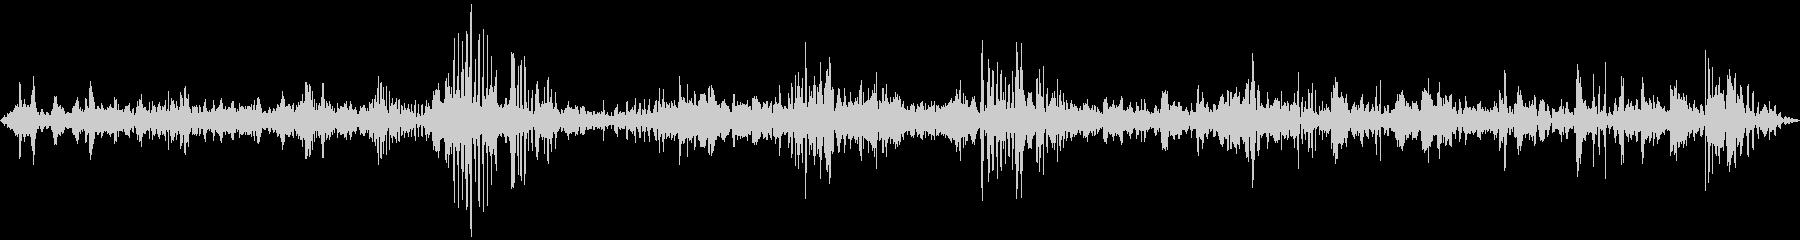 中規模の群衆:声、笑い声、一般的な...の未再生の波形